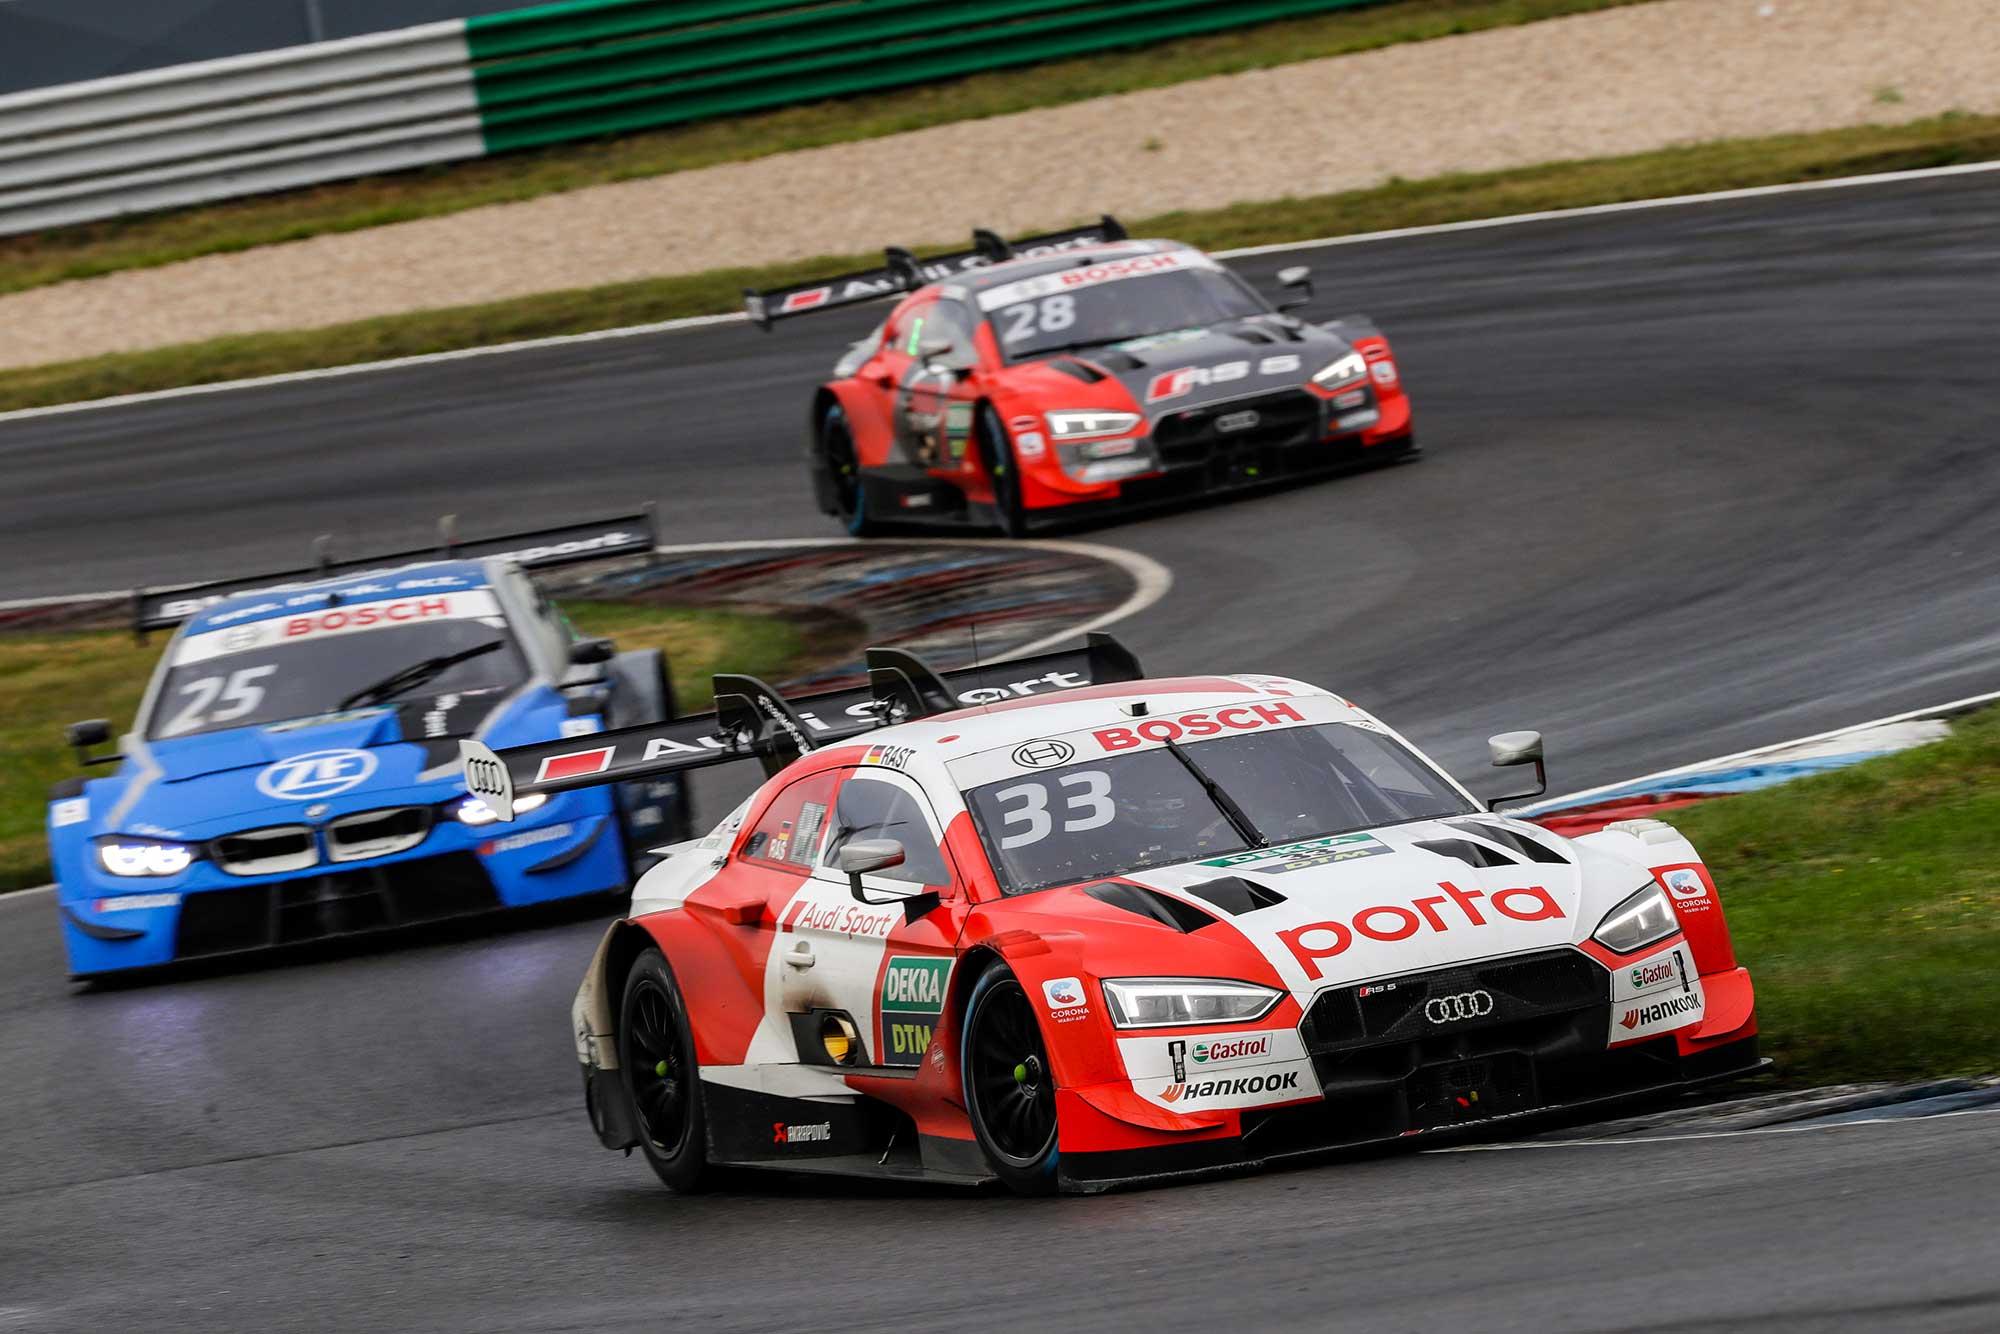 DTM escolhe carros spec-GT3 e divulga calendário prévio ...